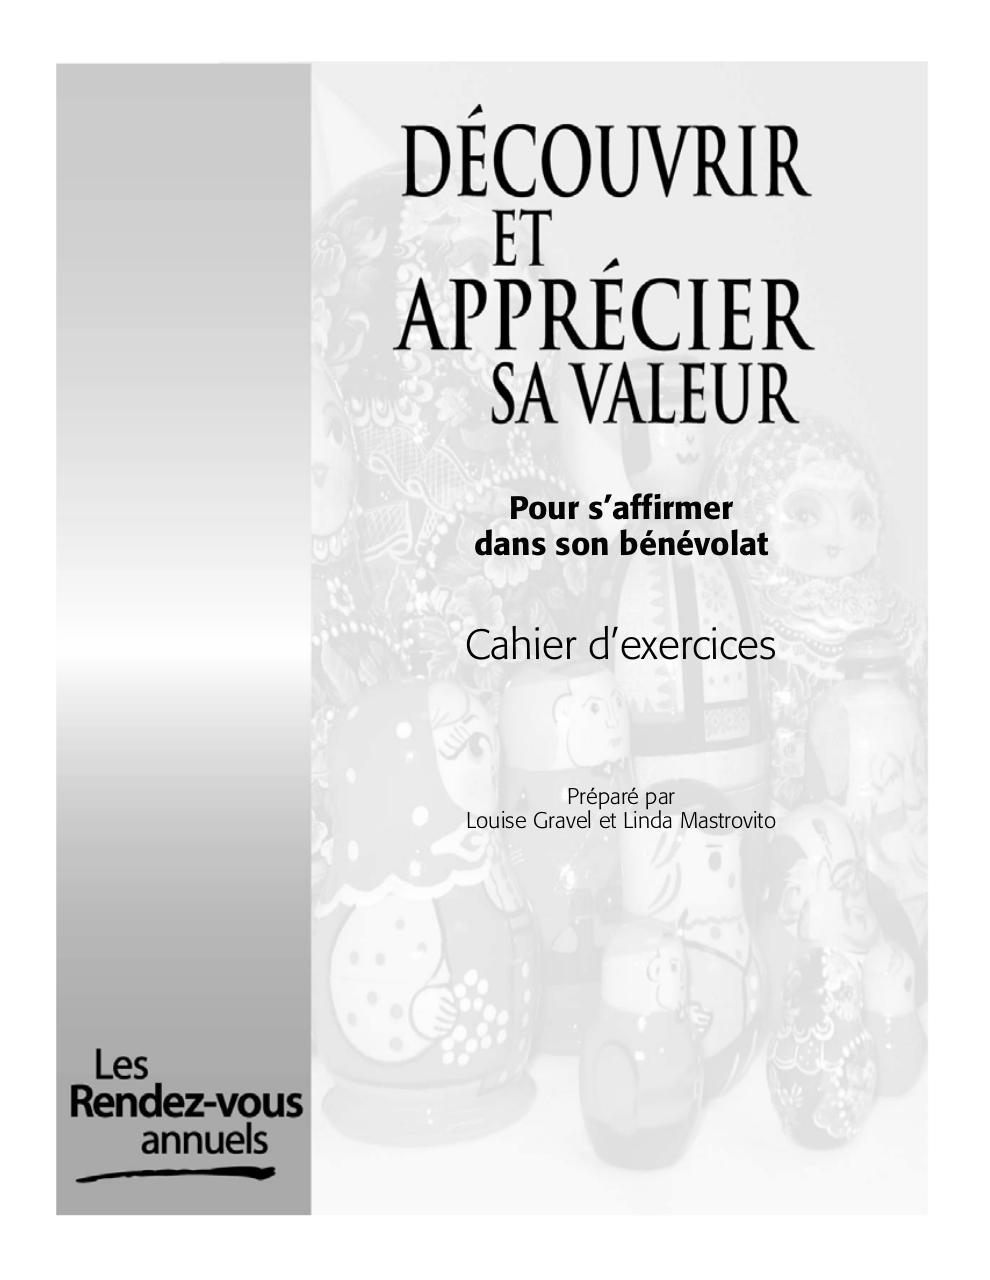 untitled - Exercices_estime de soi pdf - Fichier PDF